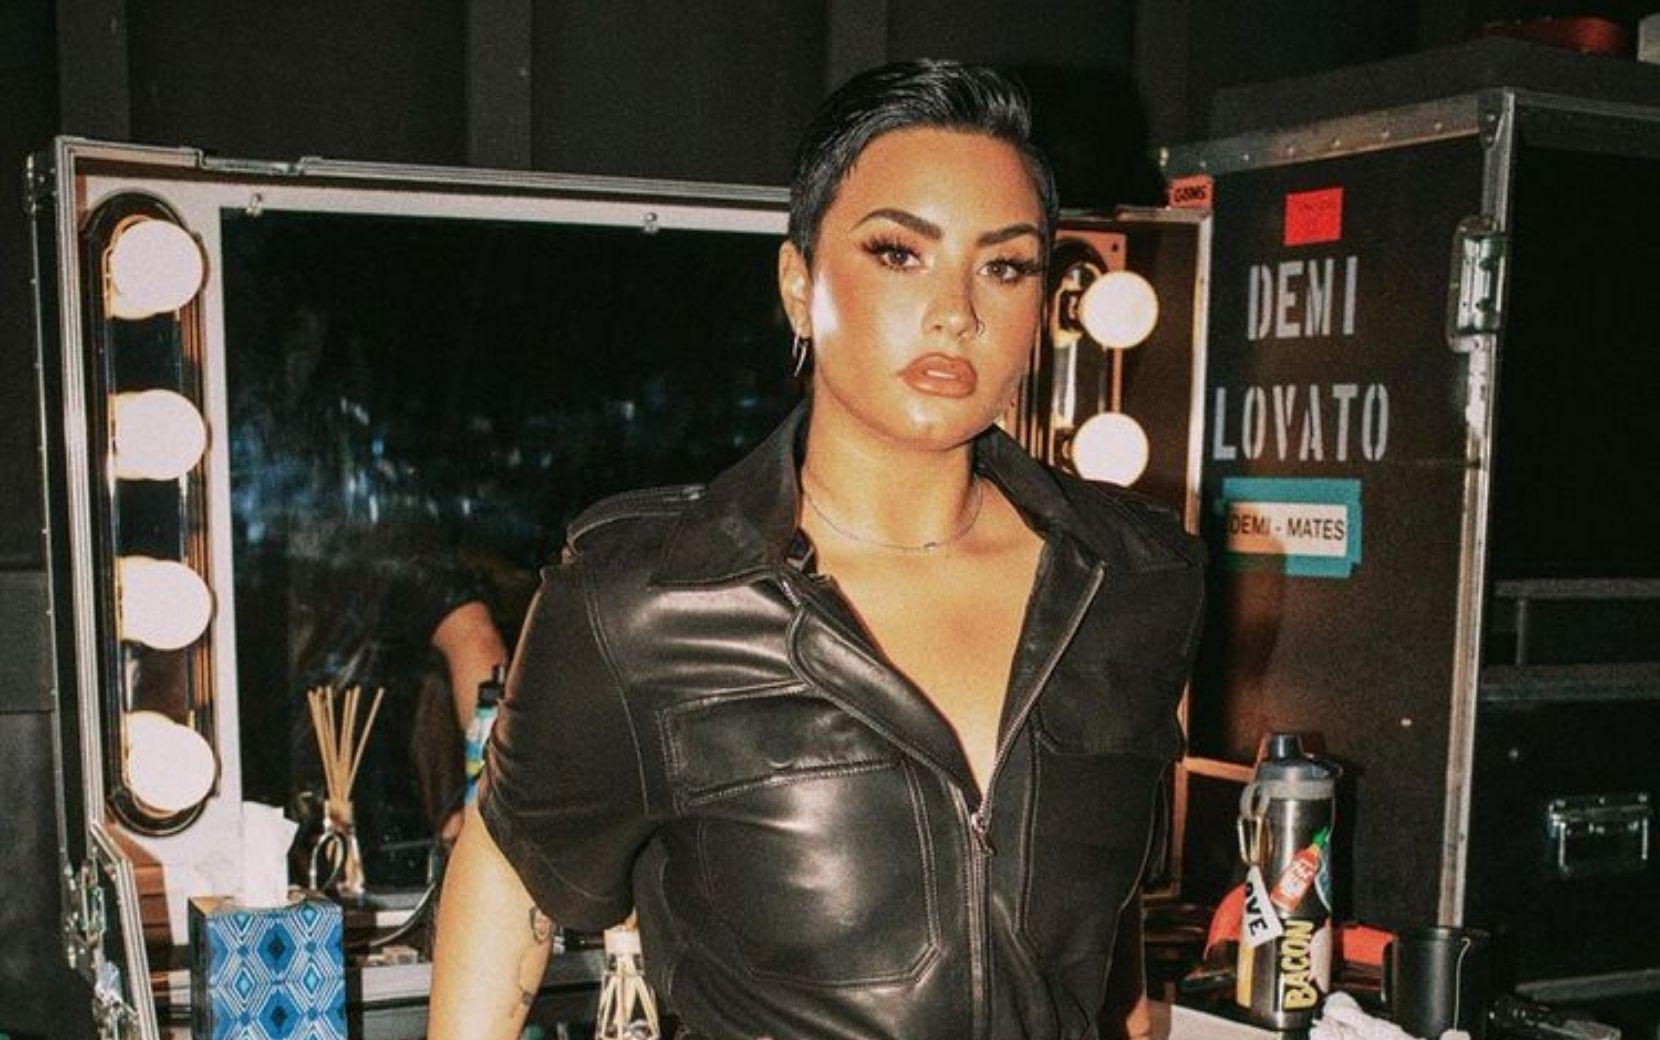 Demi Lovato arrasa nos vocais durante performance ao vivo após lançamento do álbum